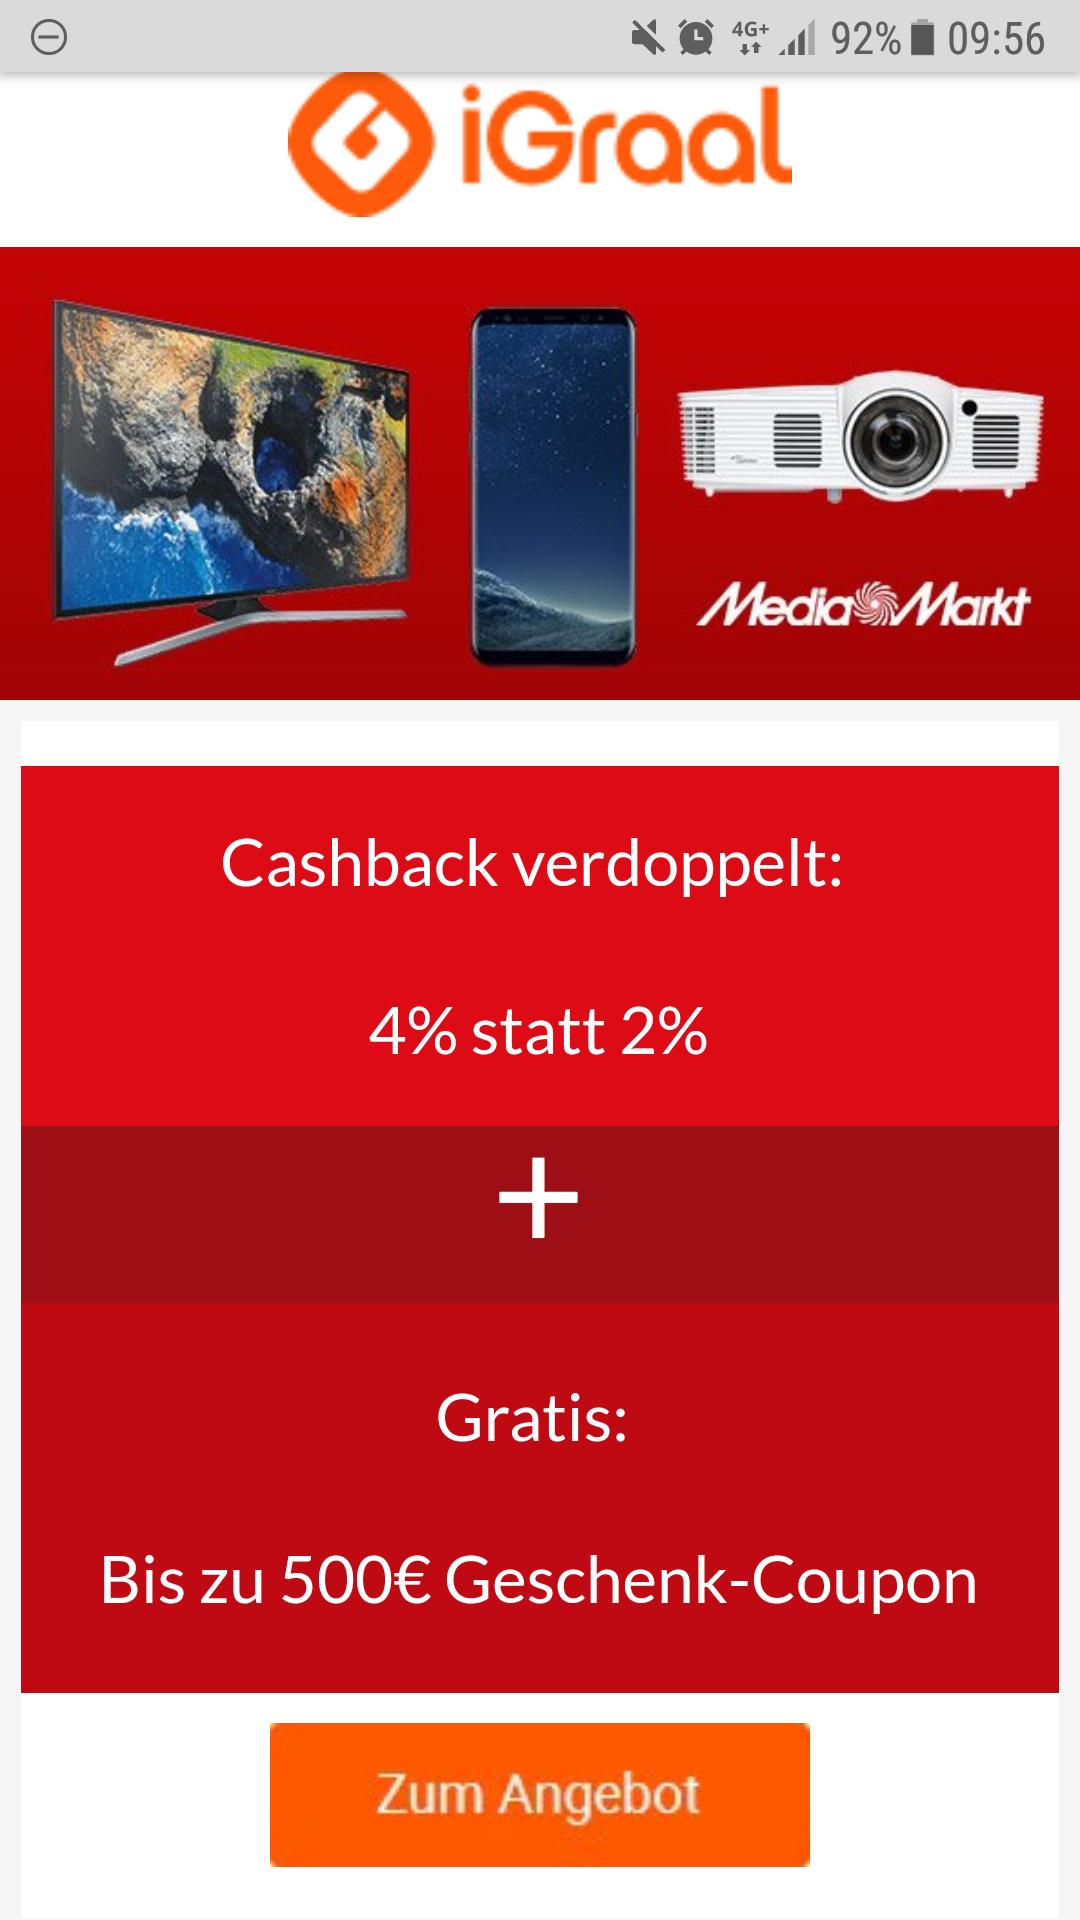 IGRAAL 4% statt 2% bei Mediamarkt + bis zu 500€ Coupon